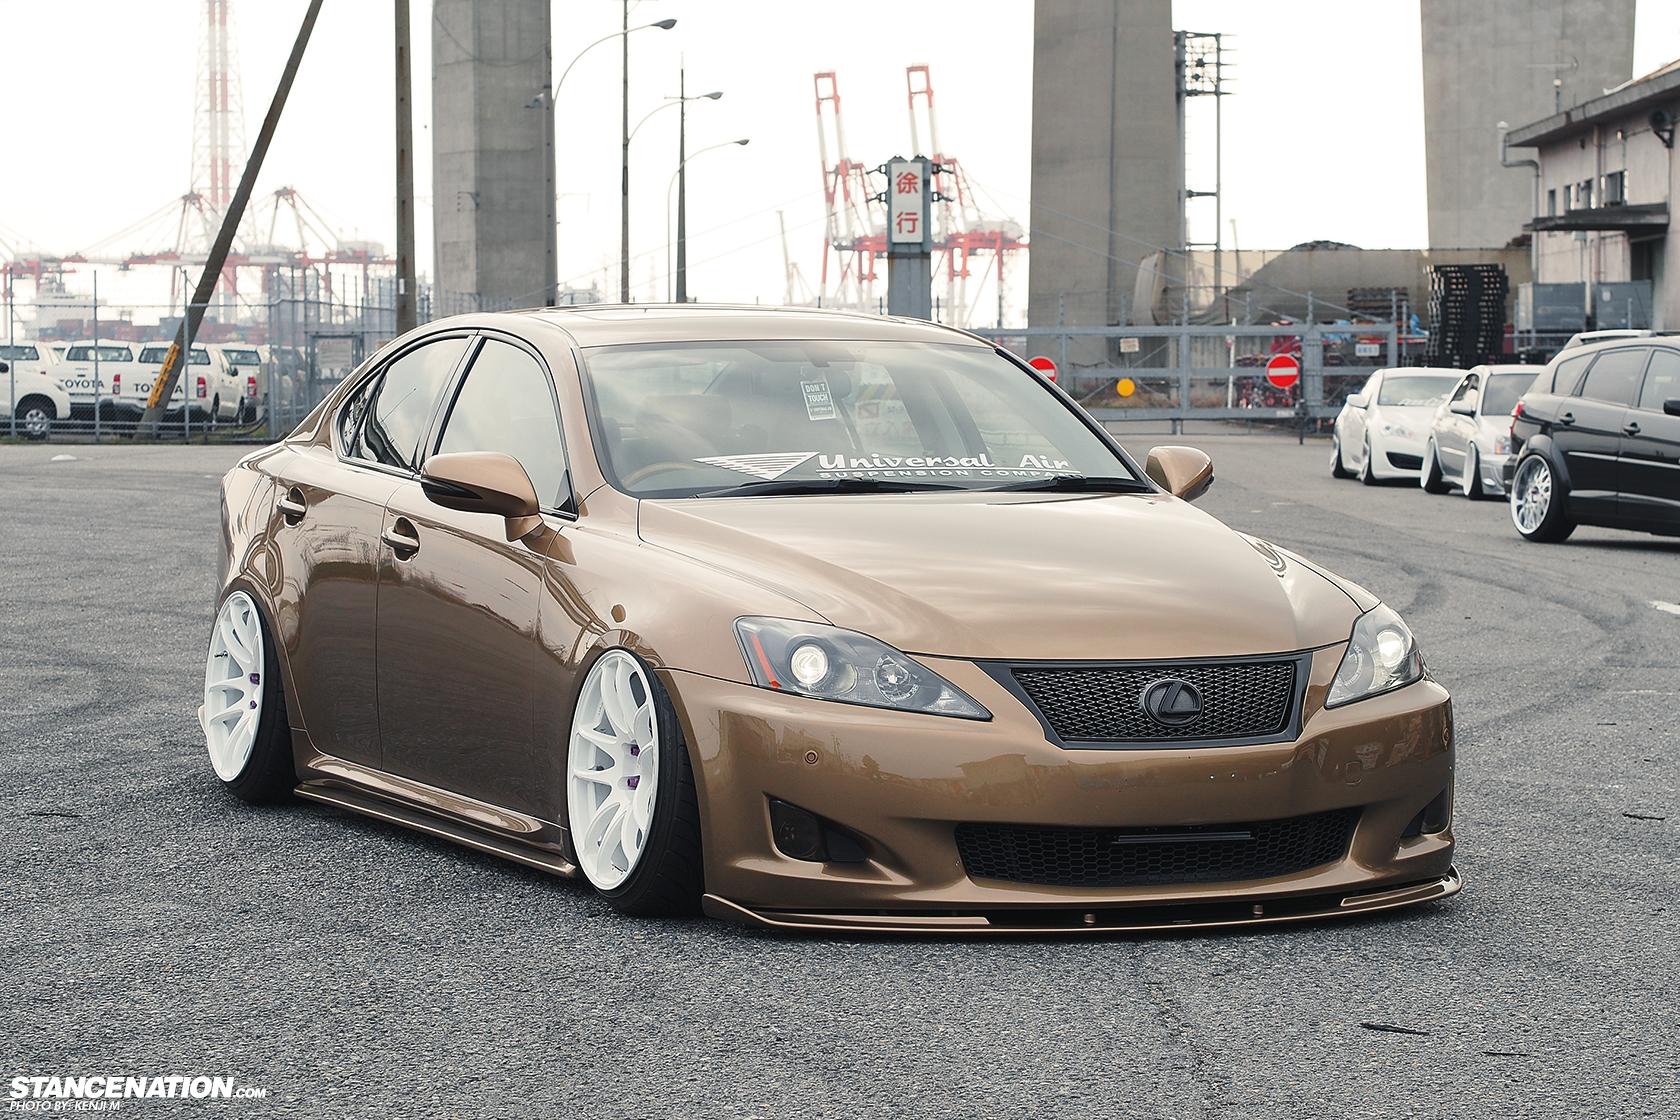 150 X 112 Lexus Is 250 2007 Slammed - Likegrass.com